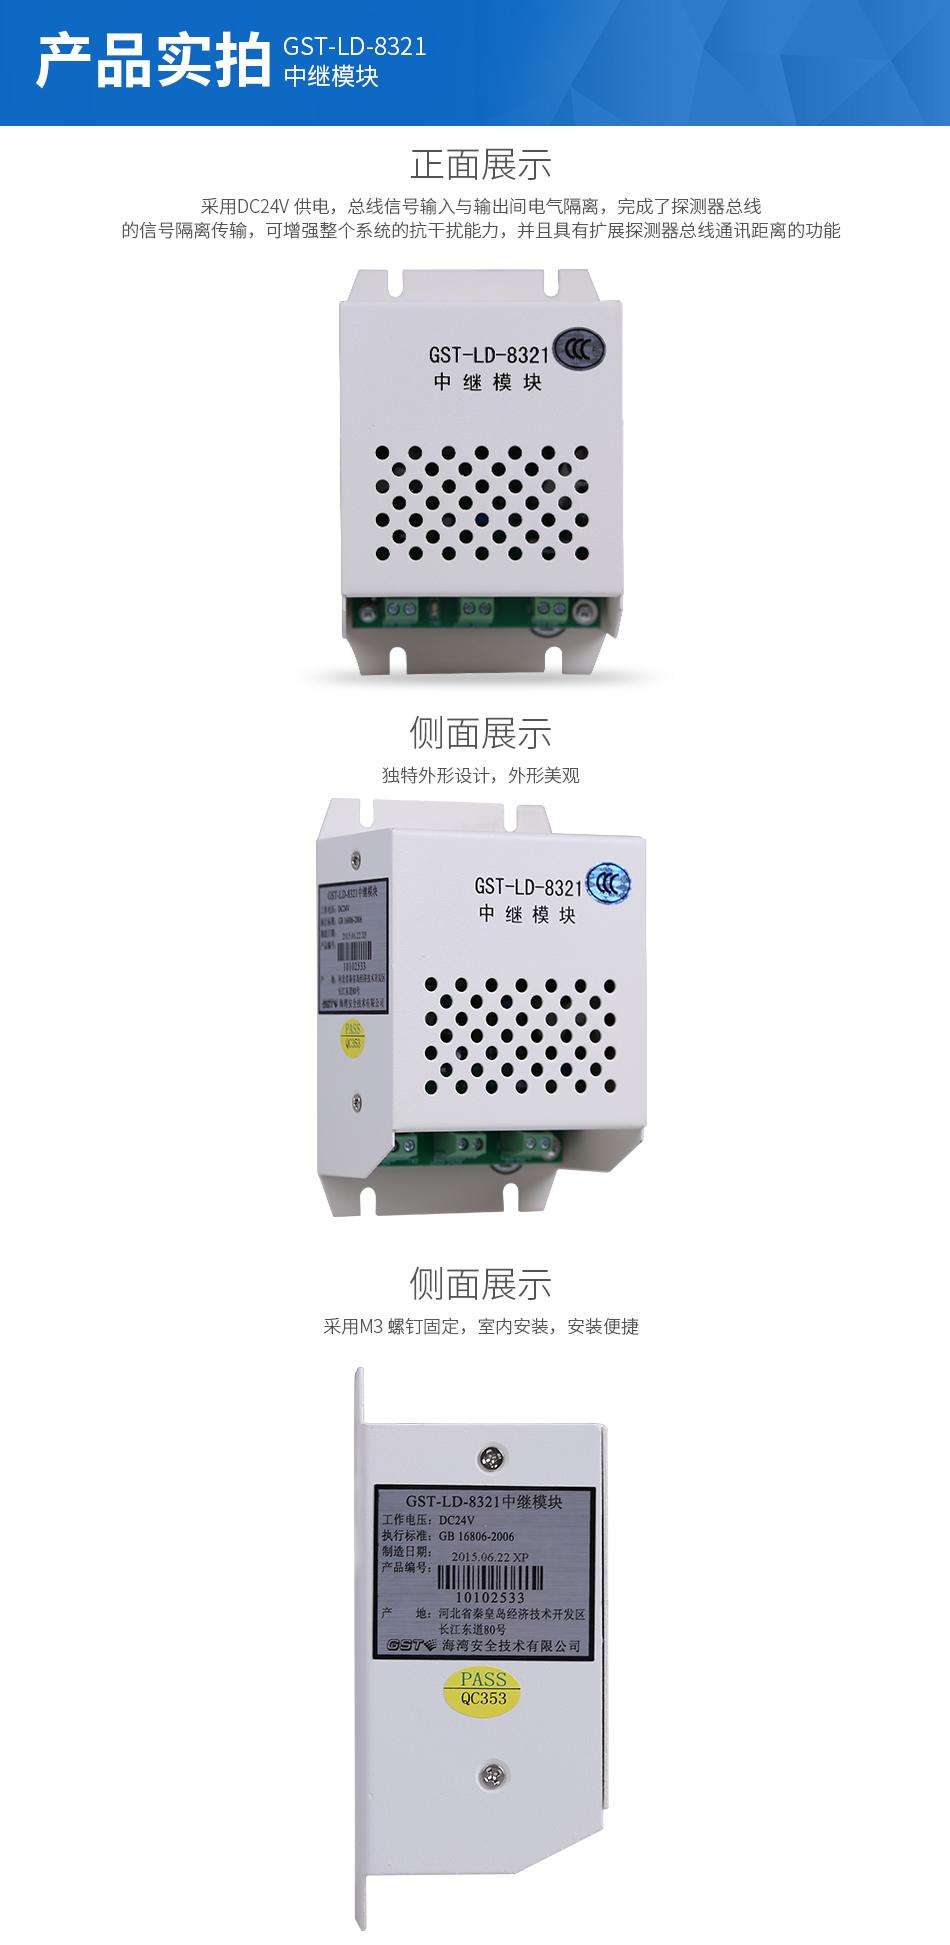 GST-LD-8321中继模块接线图